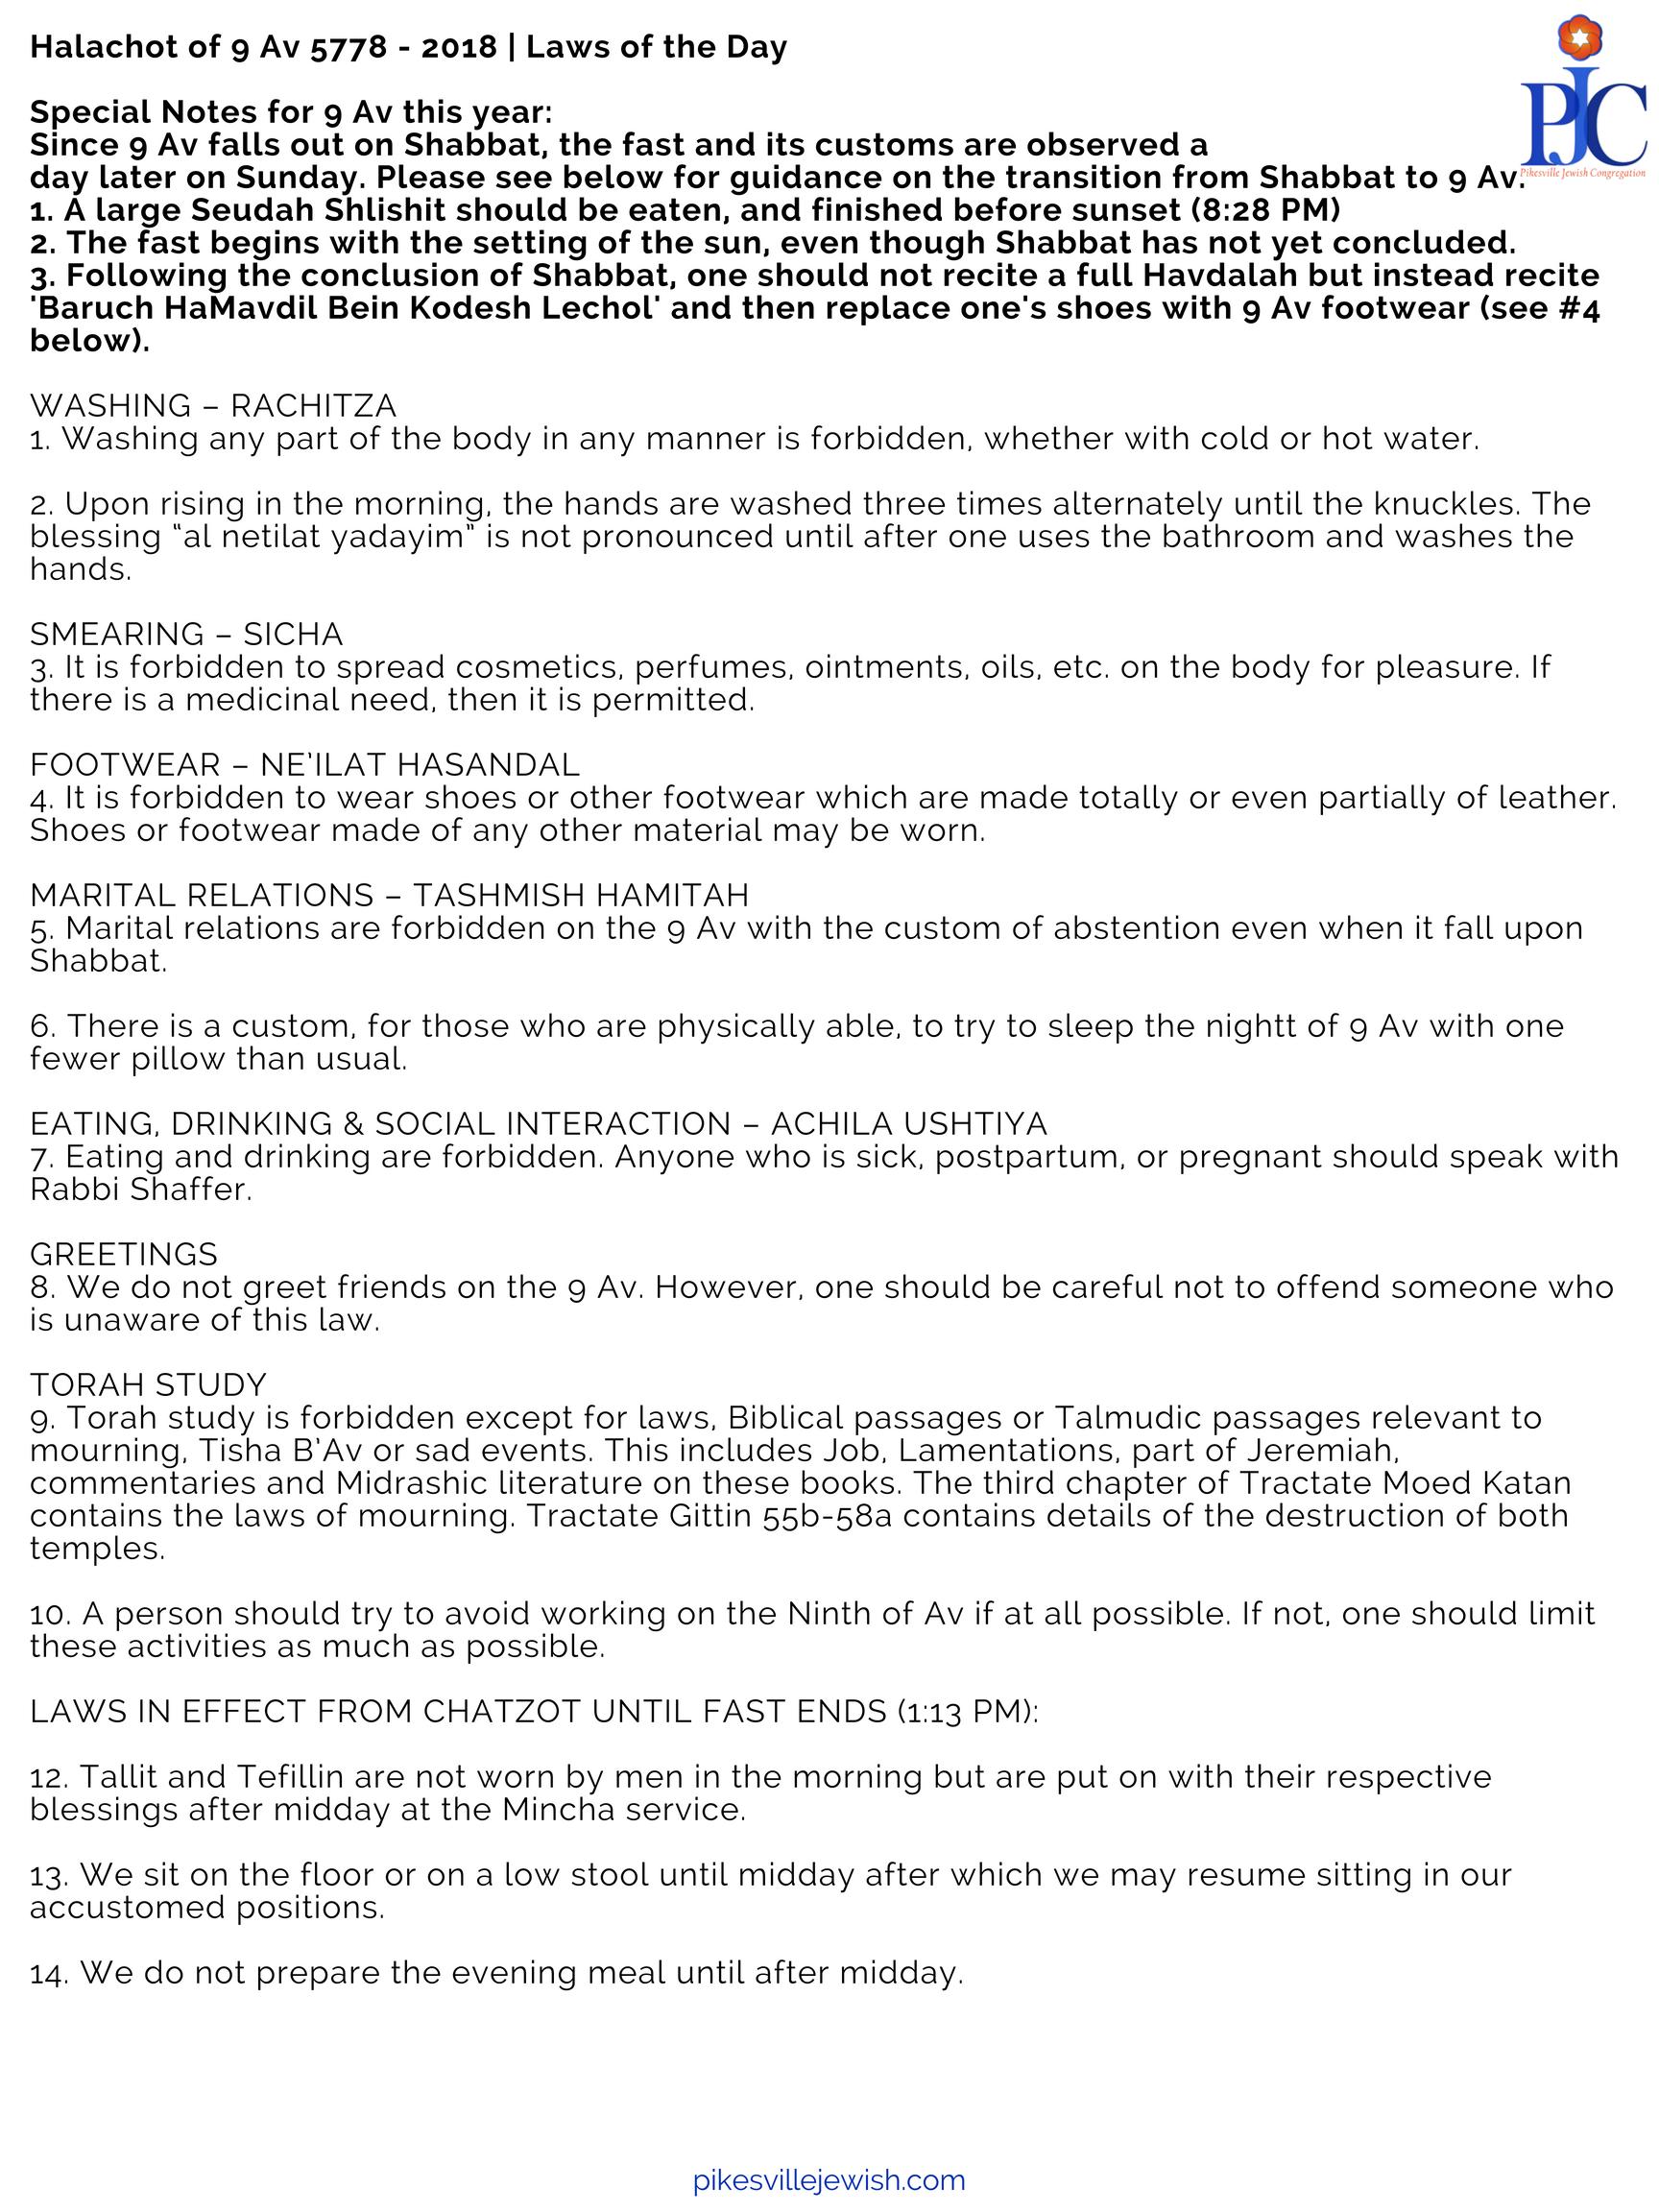 9 of Av 5778 Laws of the day.jpg